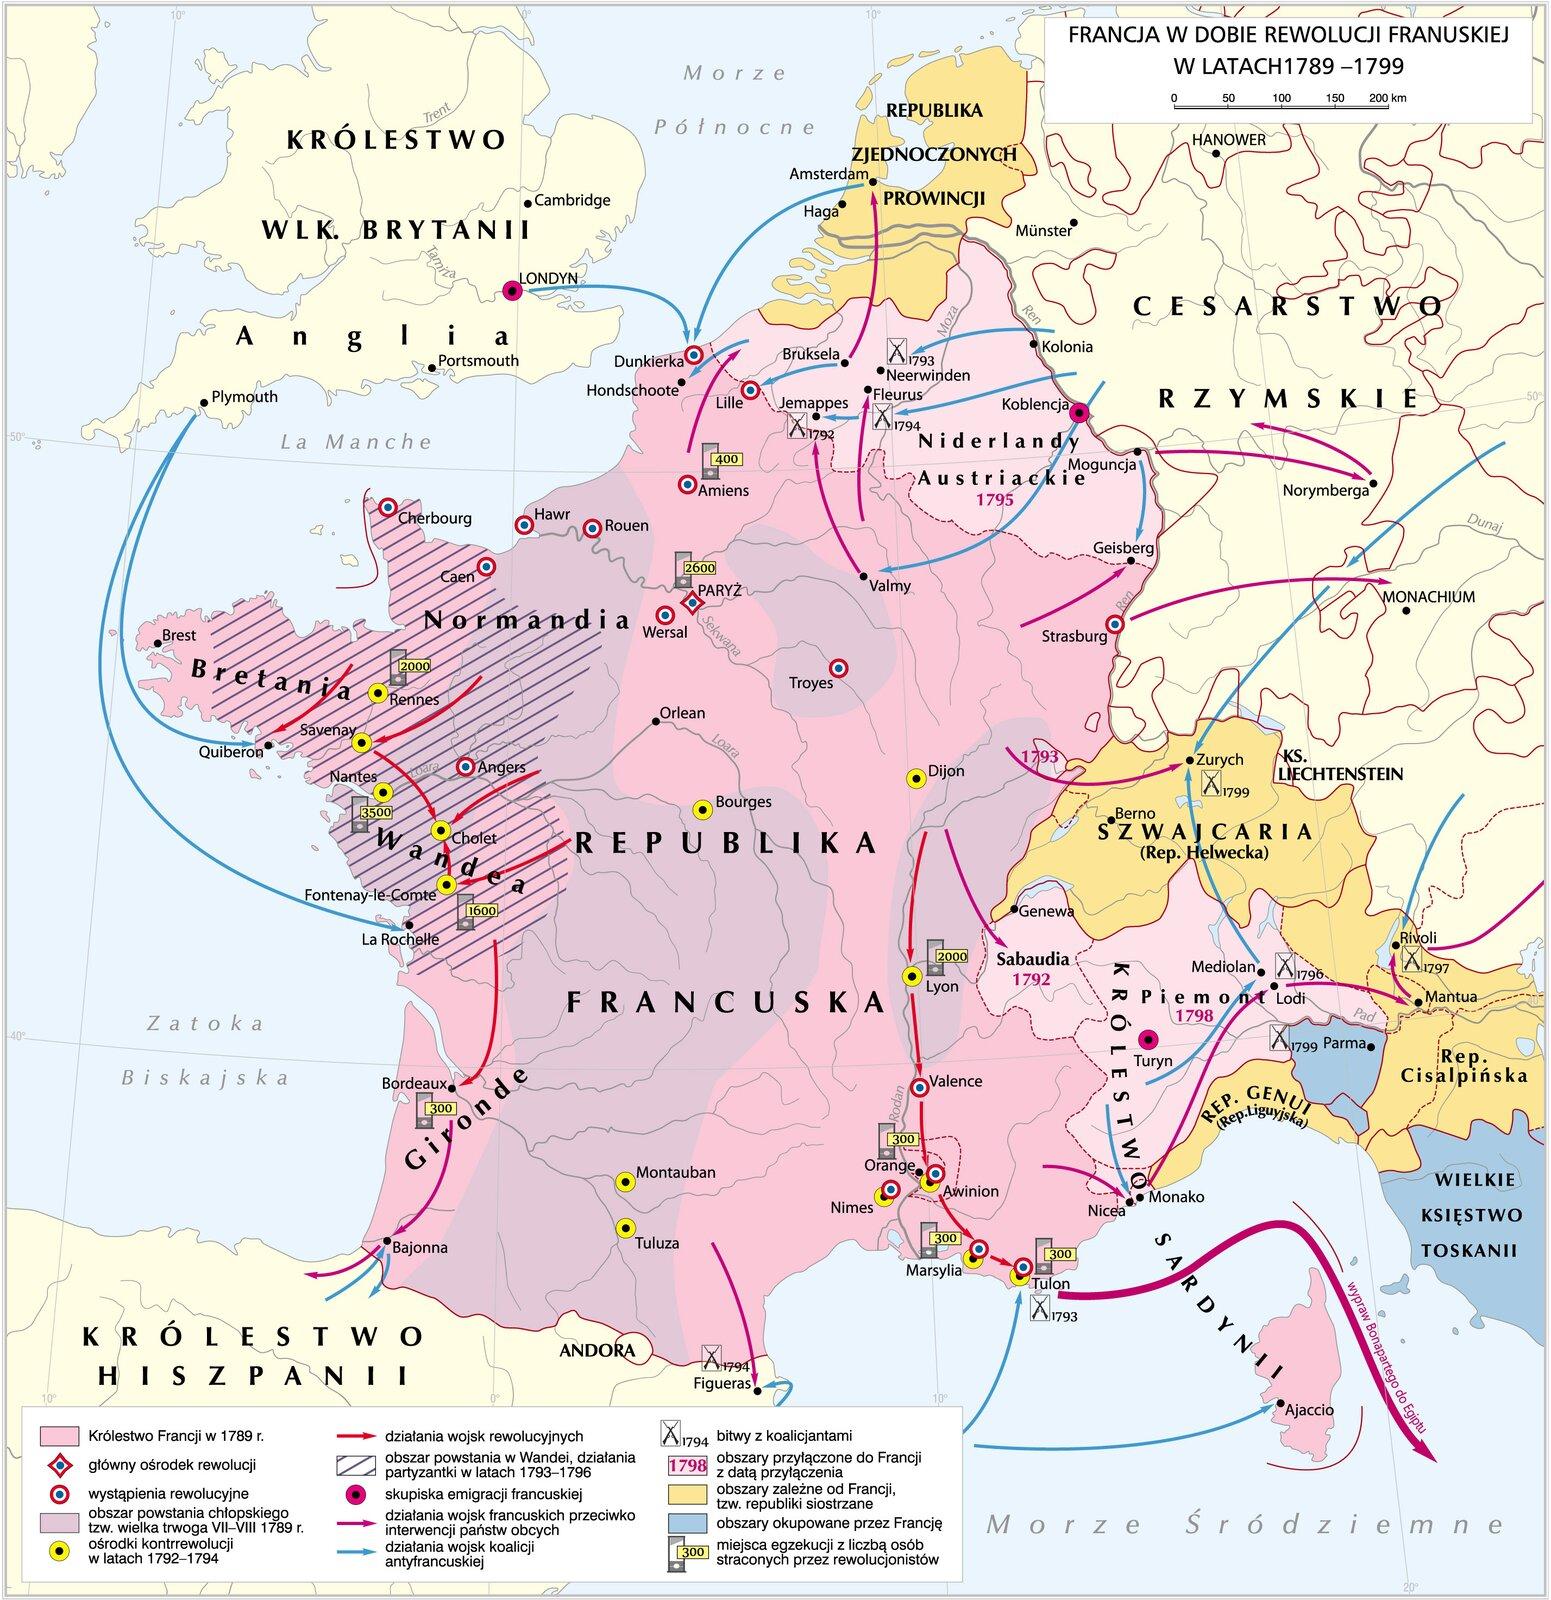 Mapa Europy, wjej centrum Francja. Ma mapie zaznaczone są działania zbrojne podejmowane wczasie rewolucji francuskiej wlatach 1789-1799.